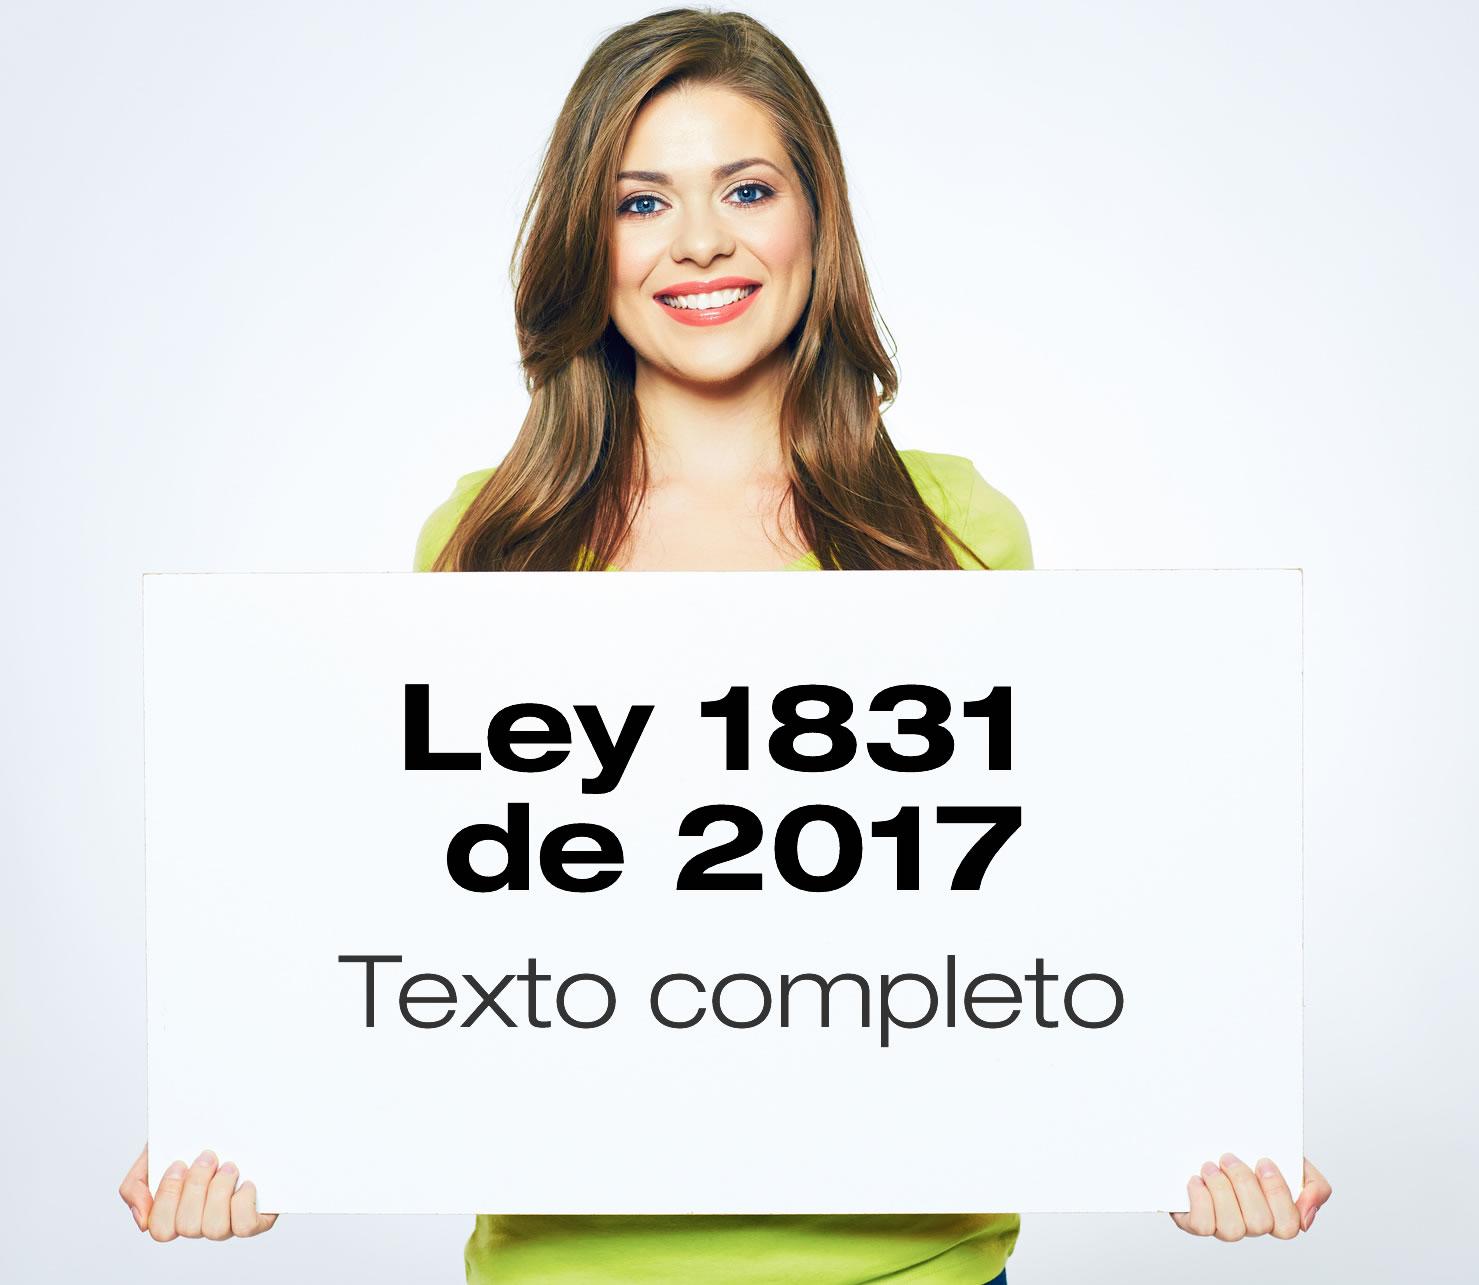 Ley 1831 de 2017